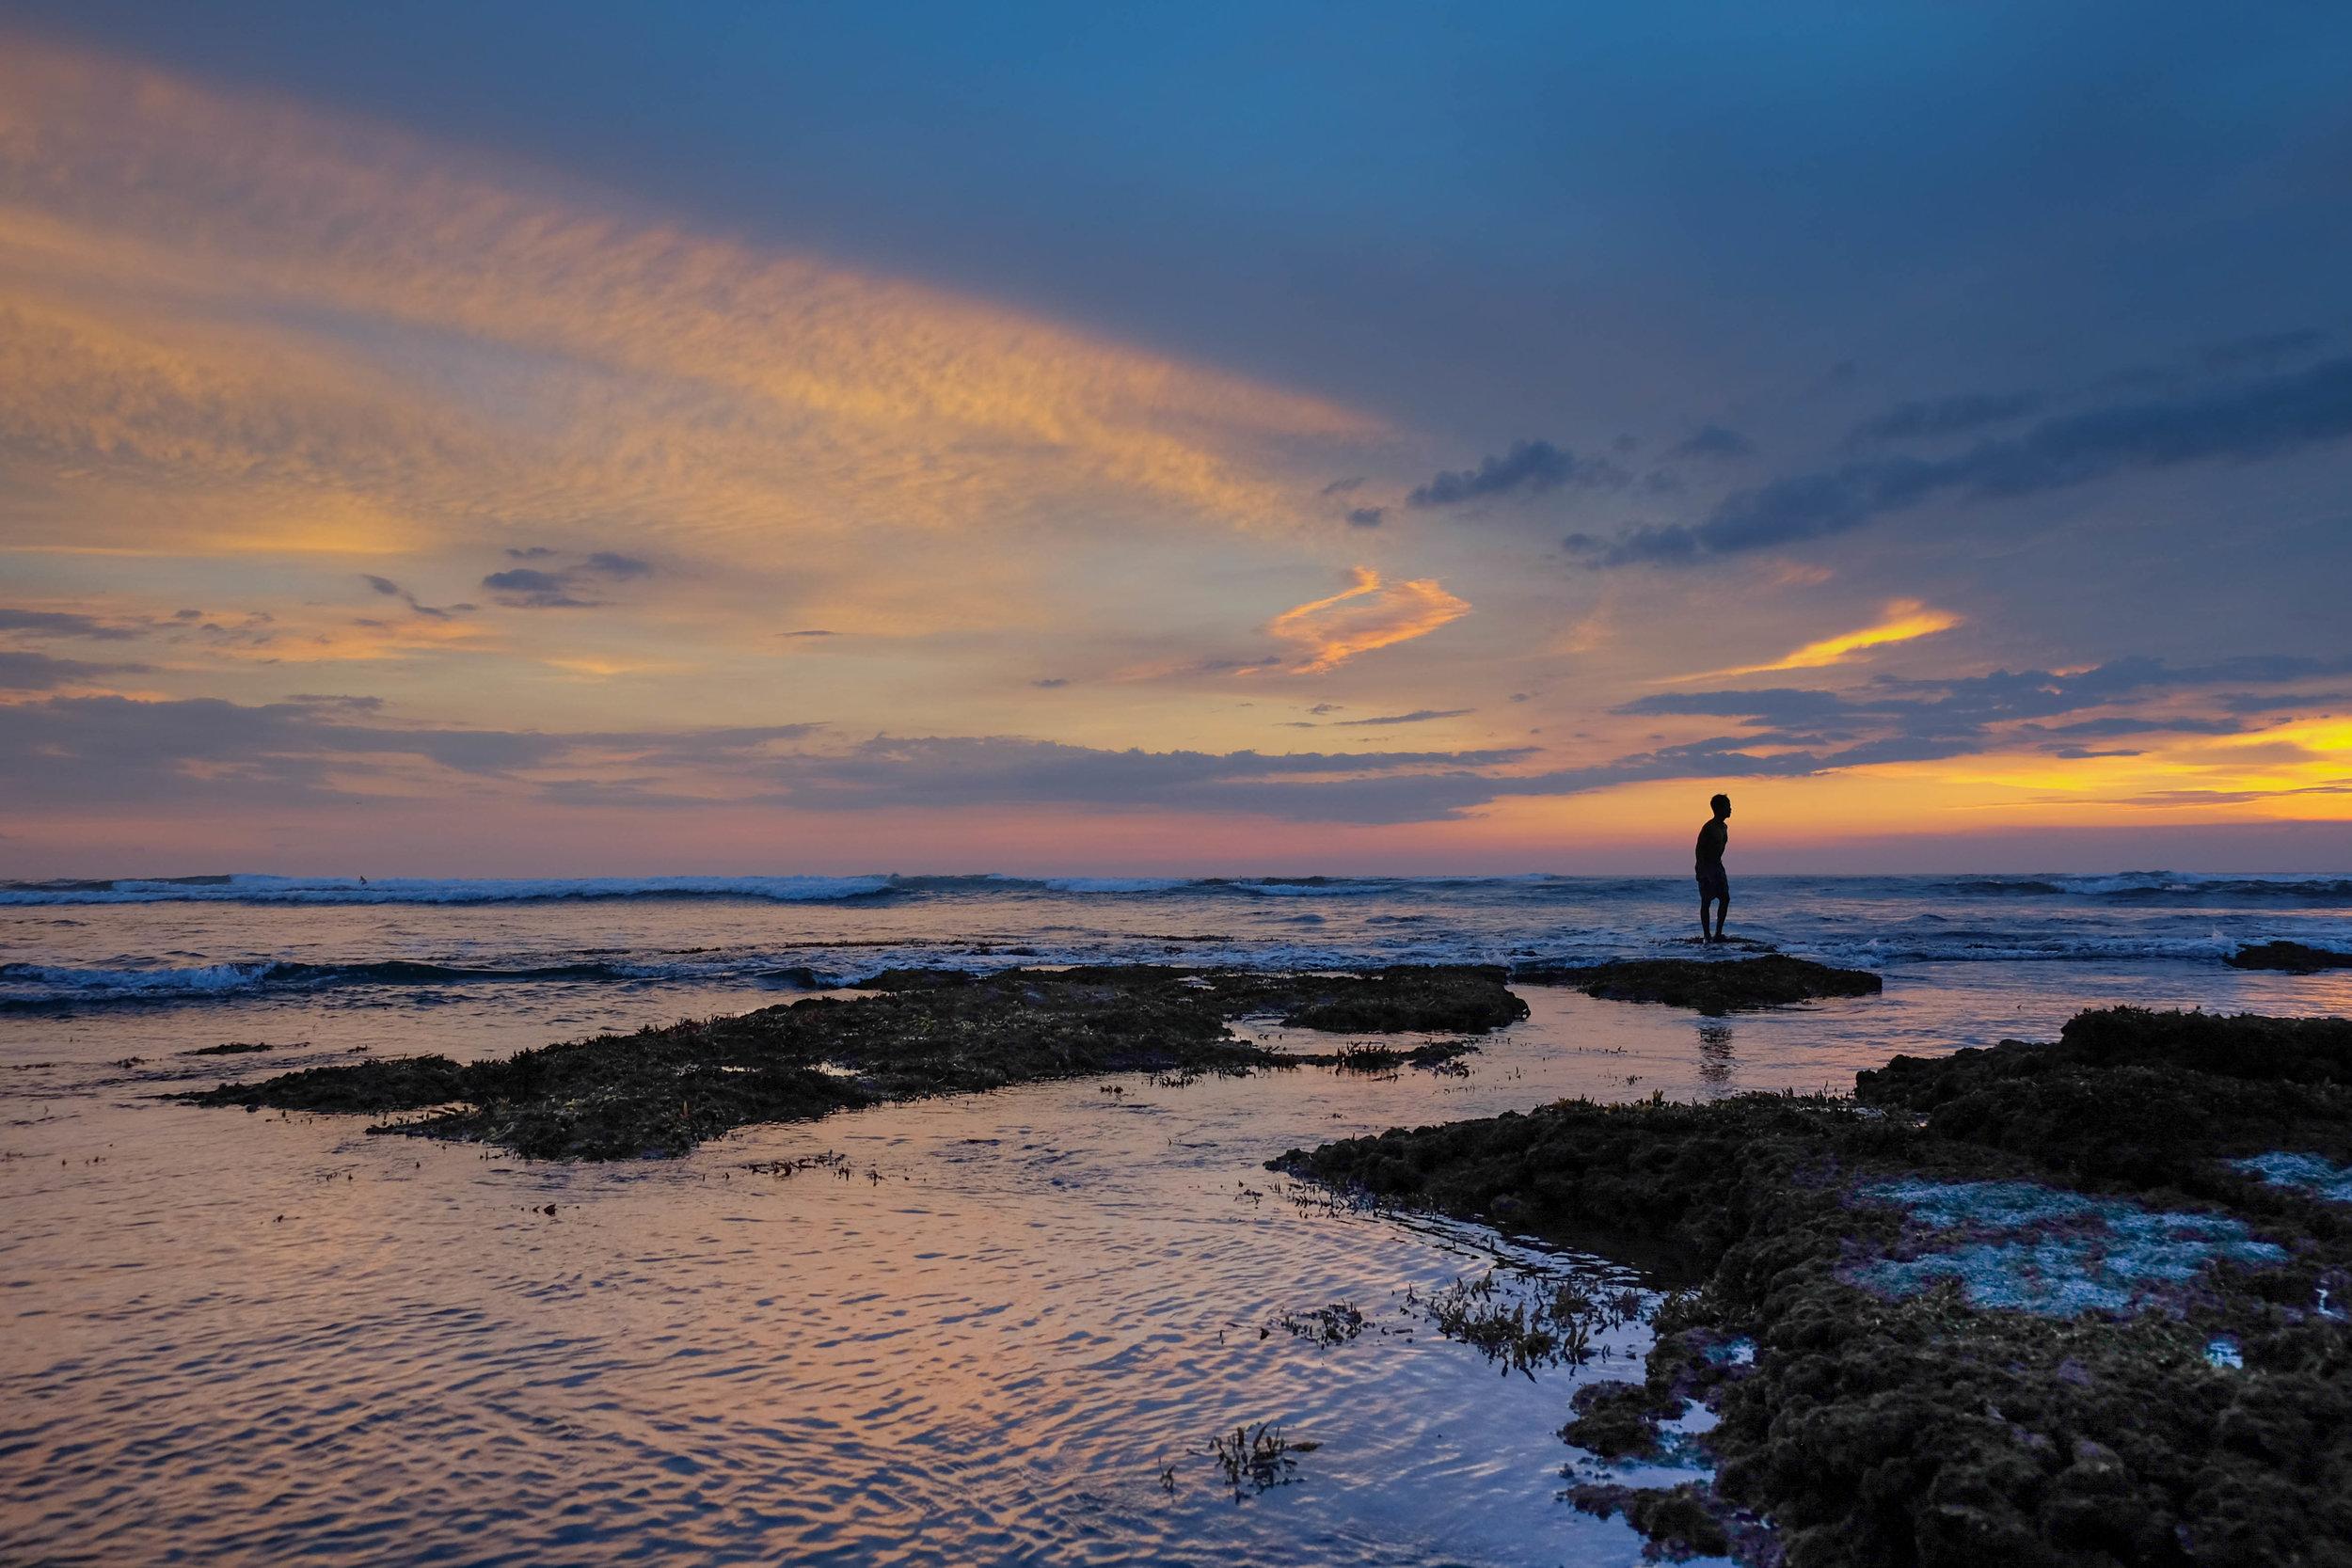 sunset at Batu Balong Beach in Bali